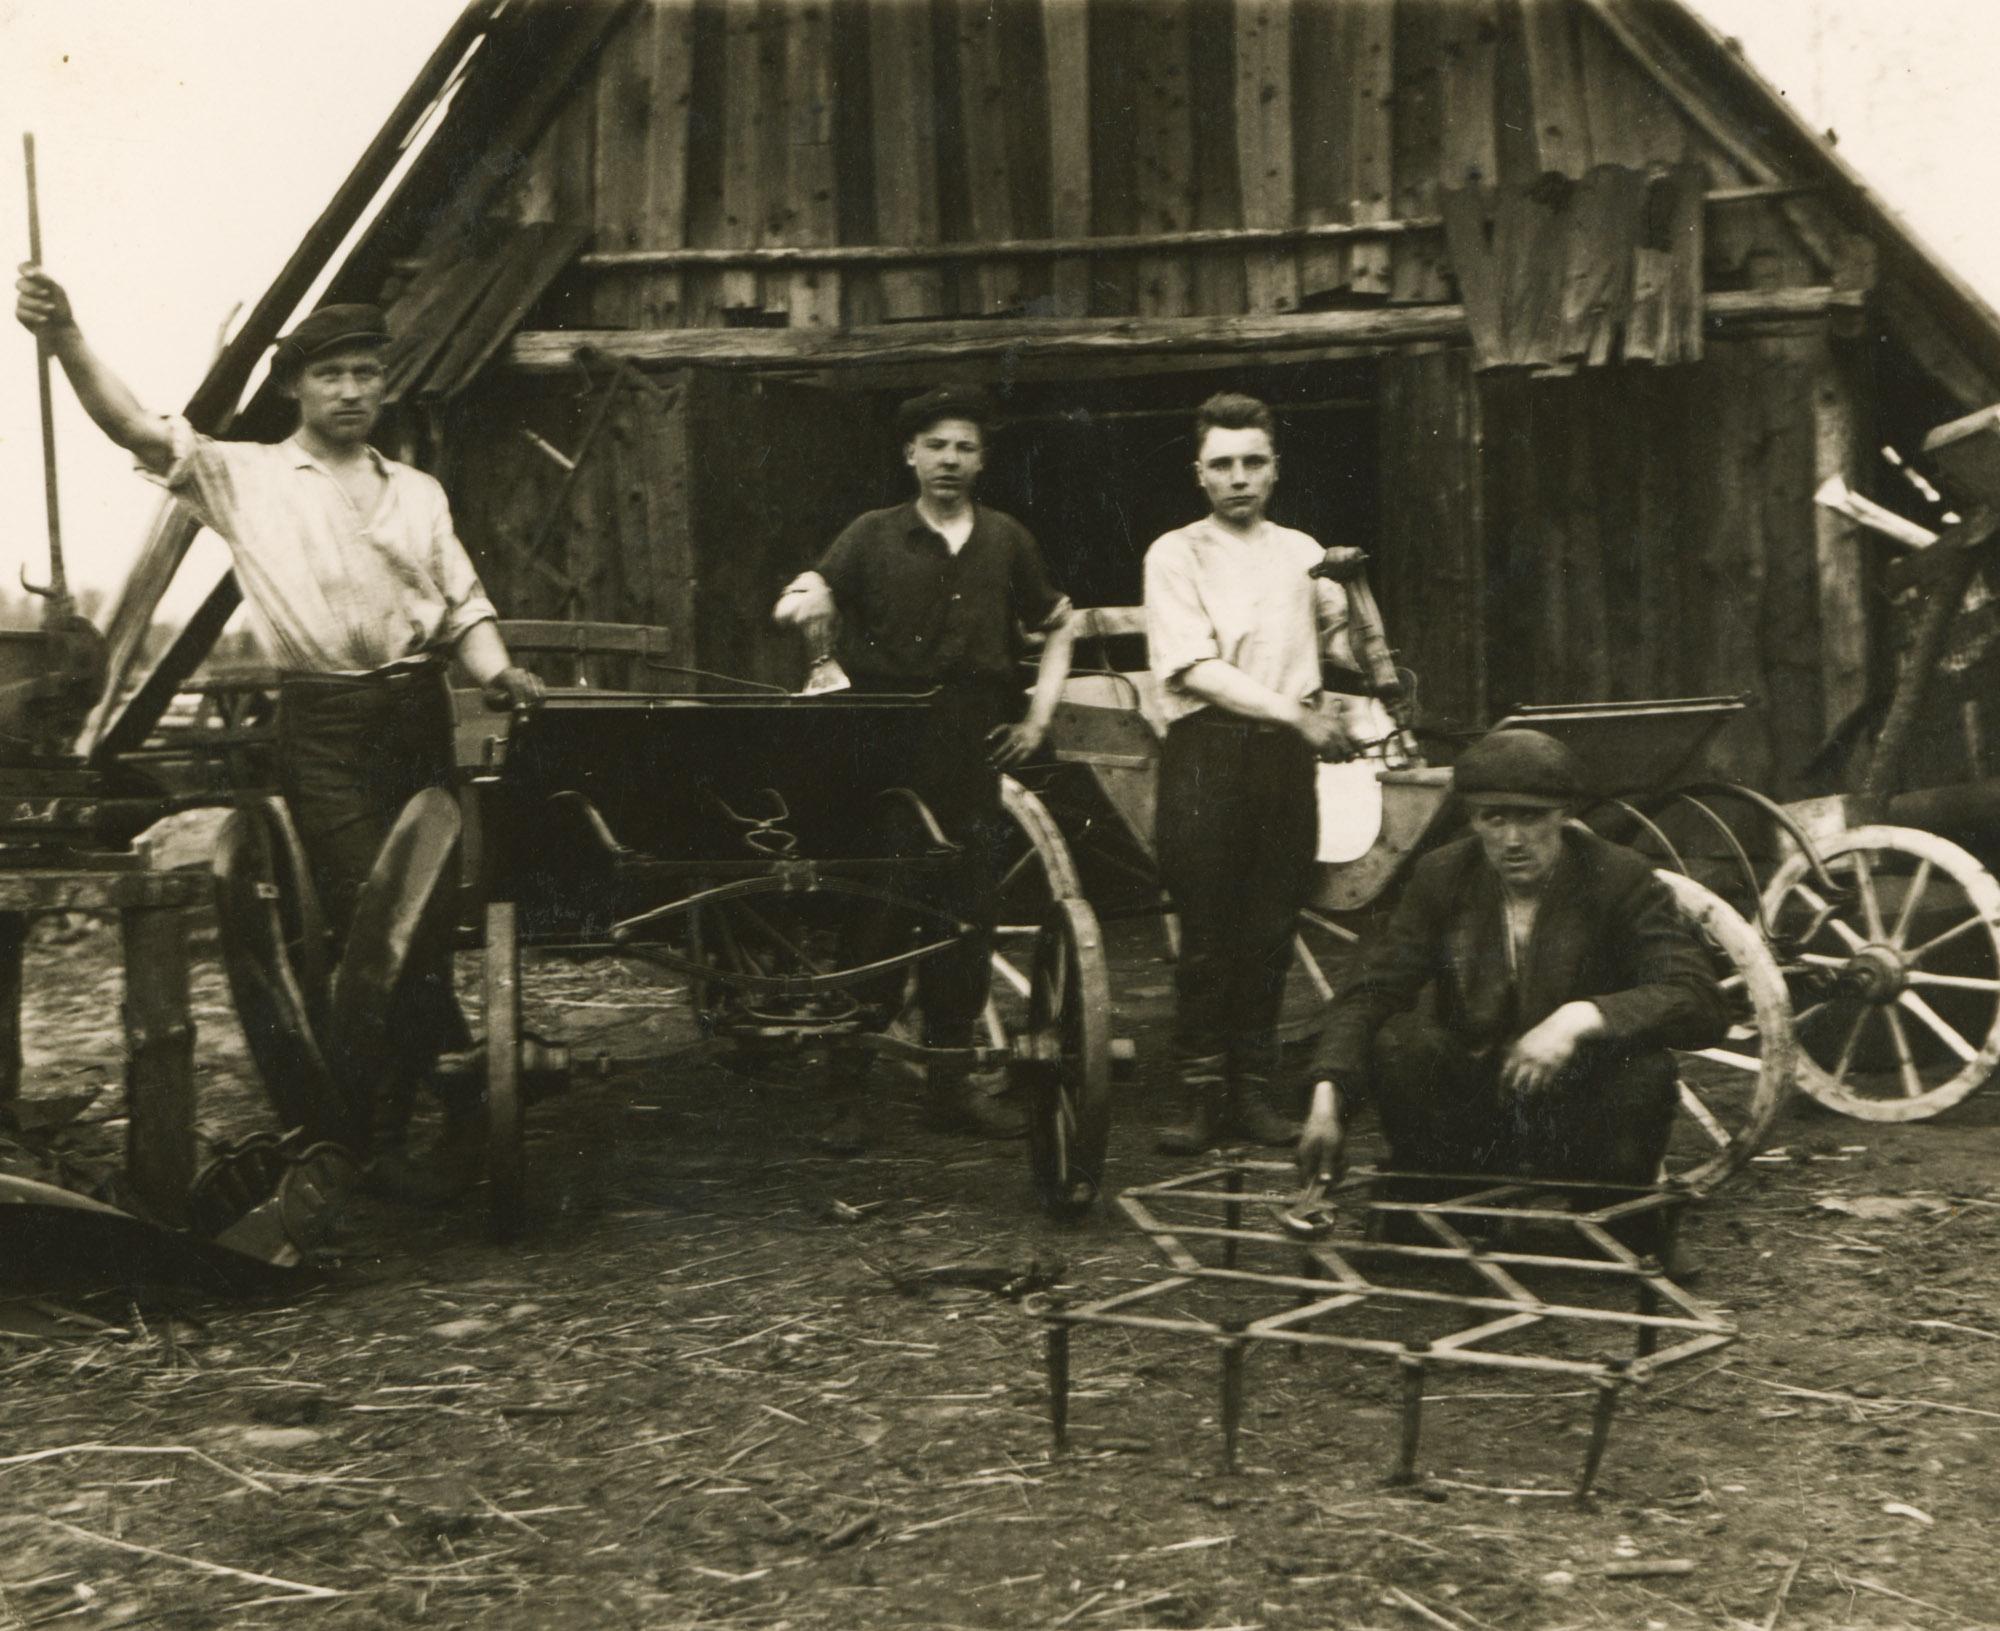 Kalvė, Anykščių r. Iš Arklio muziejaus fondų